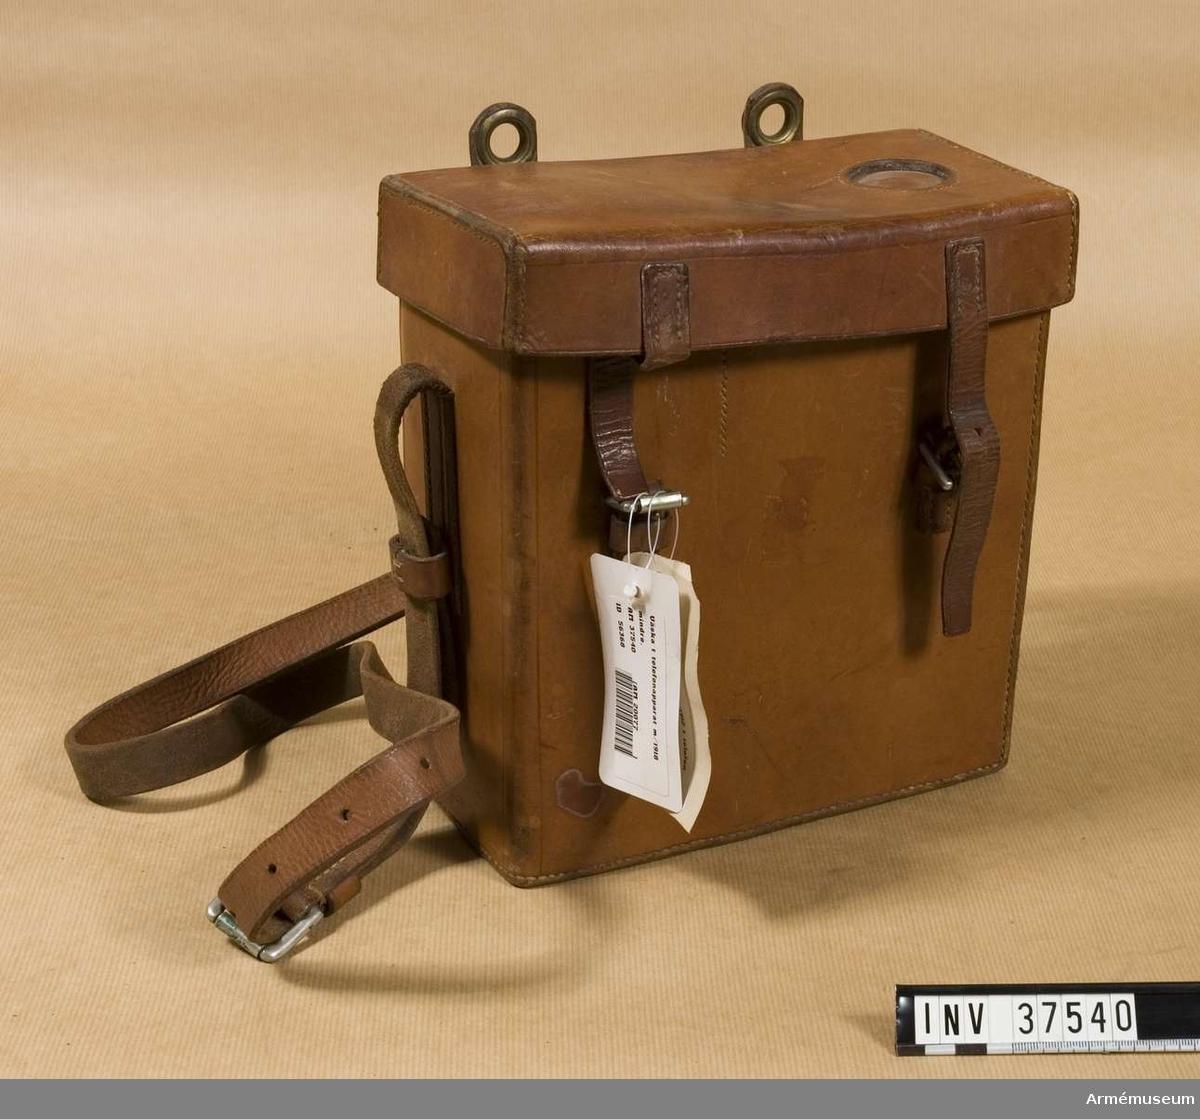 Samhörande nr 37538-40, telefon, hörtelefon, väska. Väska till telefonapparat m/1918 mindre. Grupp H I.